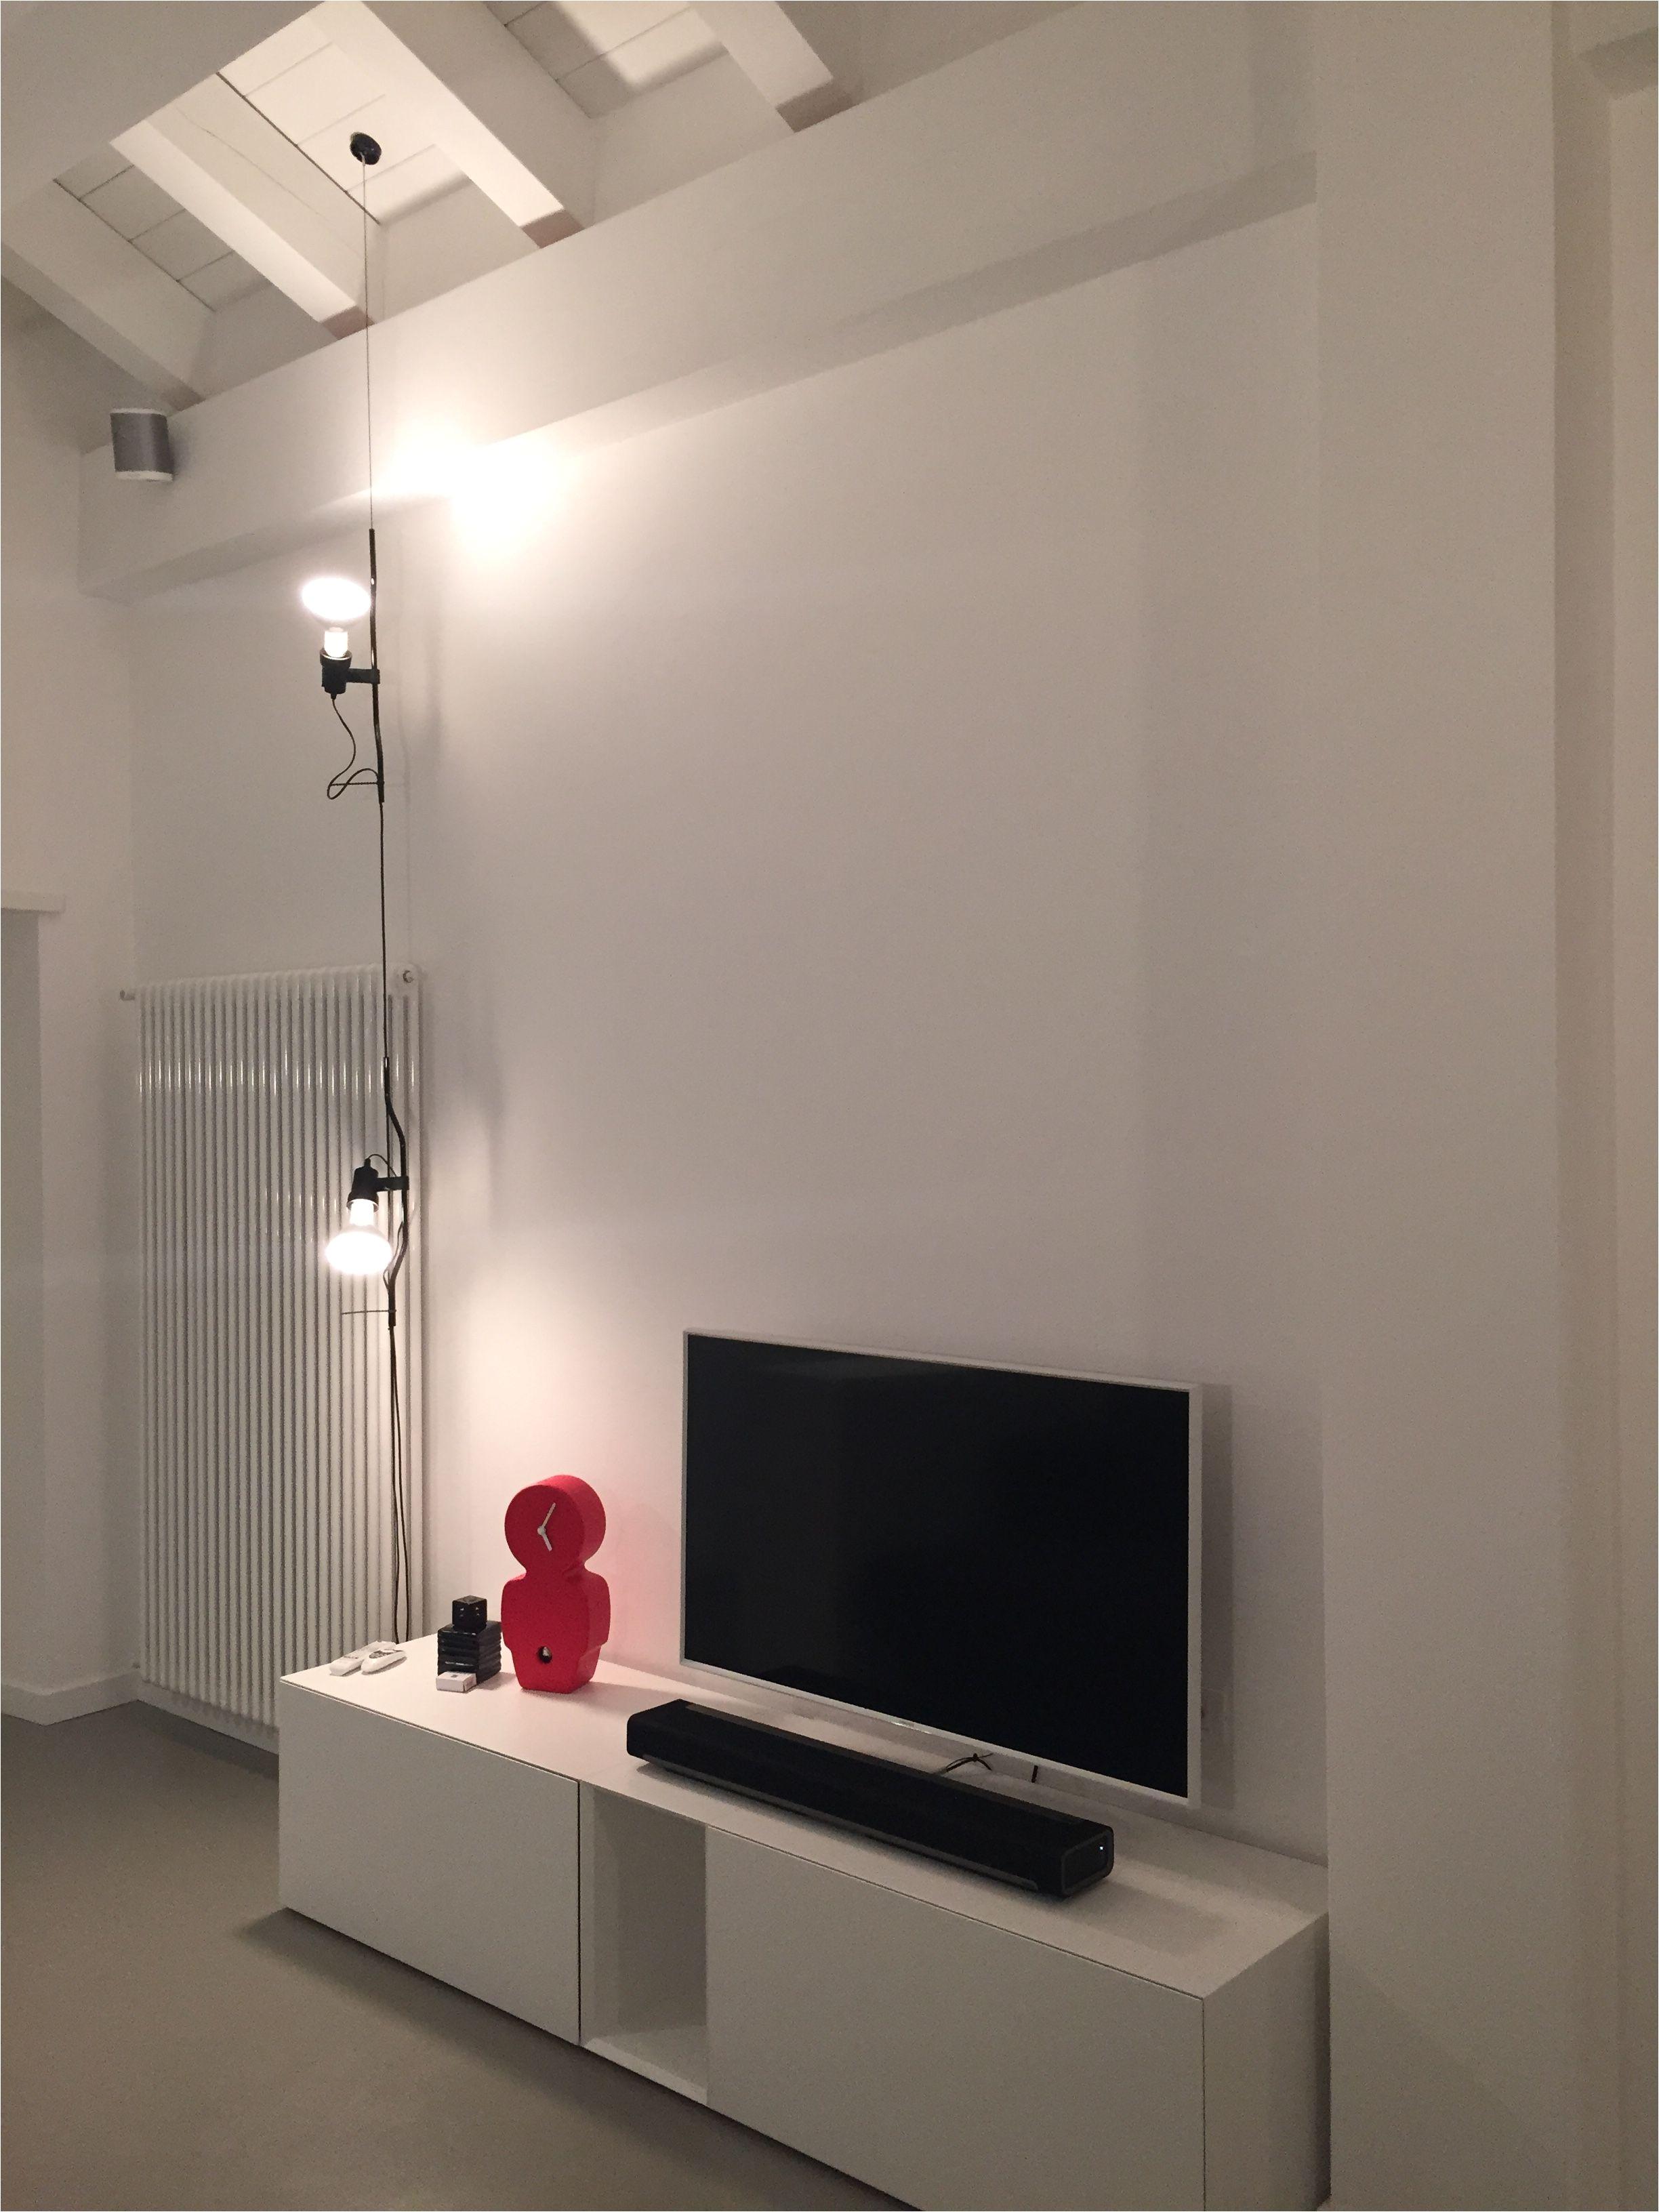 abitazione privata illuminazione soggiorno led lighting design